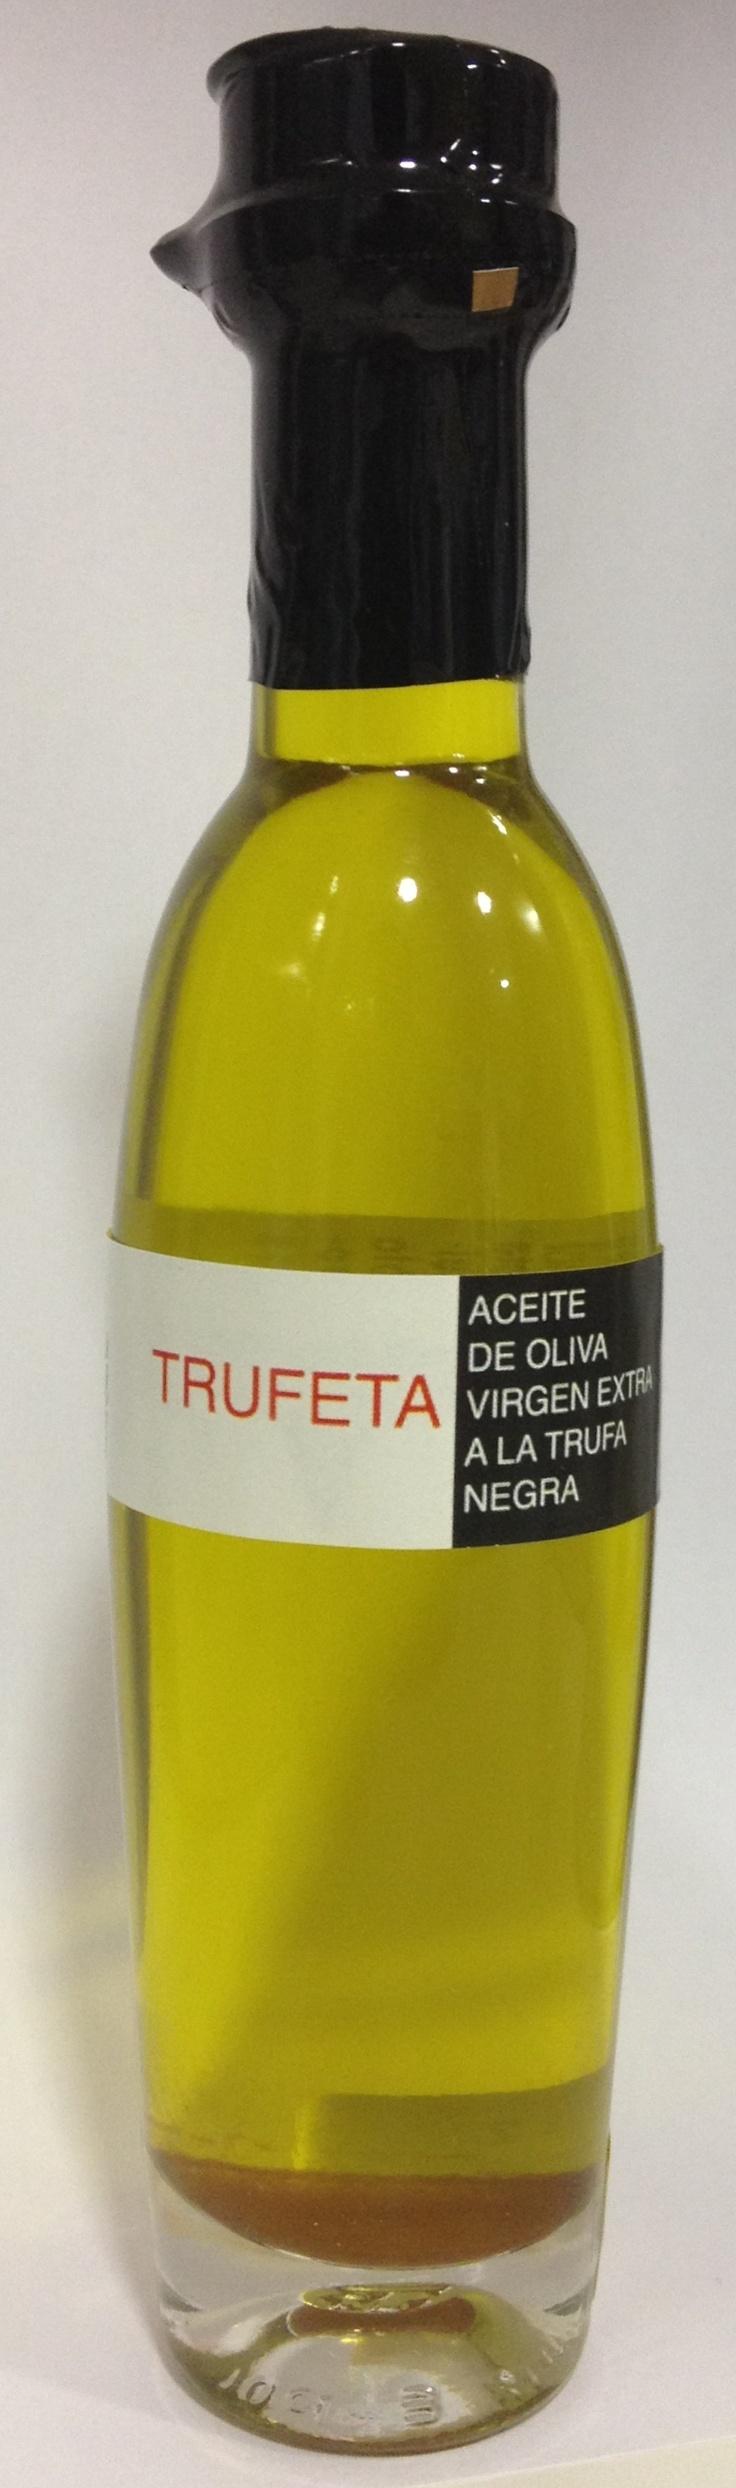 Aceite de oliva virgen extra ecostean con trufa negra de Graus (Huesca)! Condimentado ESPECIAL l!